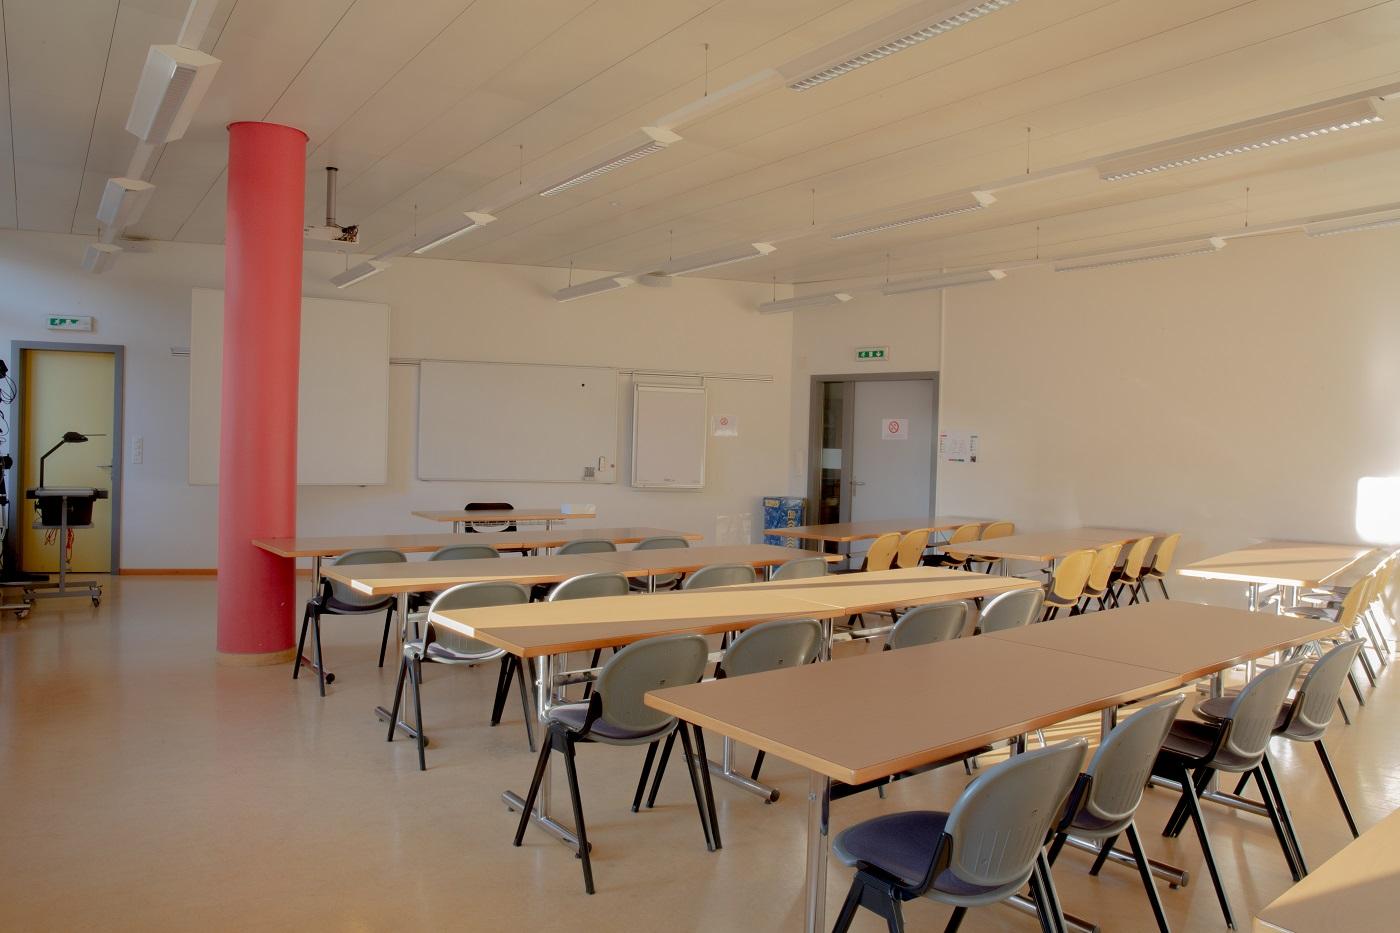 E3-salle3-a